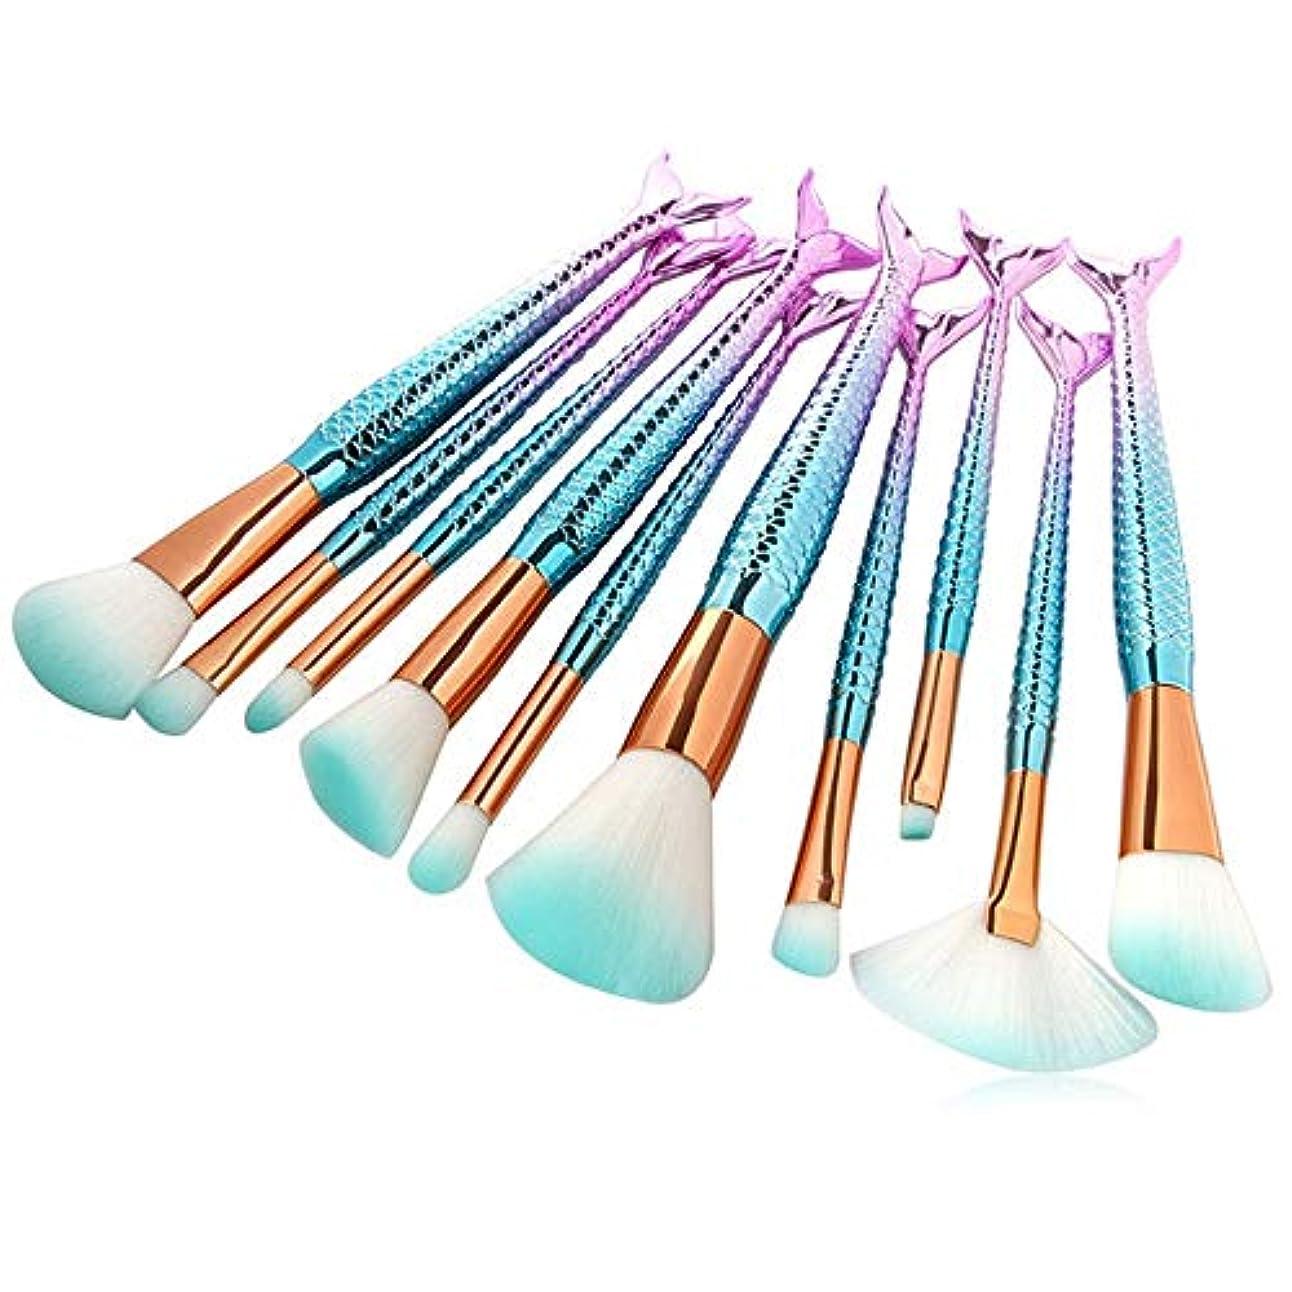 感謝祭せっかちオールMakeup brushes 10個マーメイドブラシメイクアップキット美容ツールフィッシュテールカブキブラシクリーナーレインボーアイシャドウブラッシュパウダーフェイスブラシリグ suits (Color : Blue Gradient)